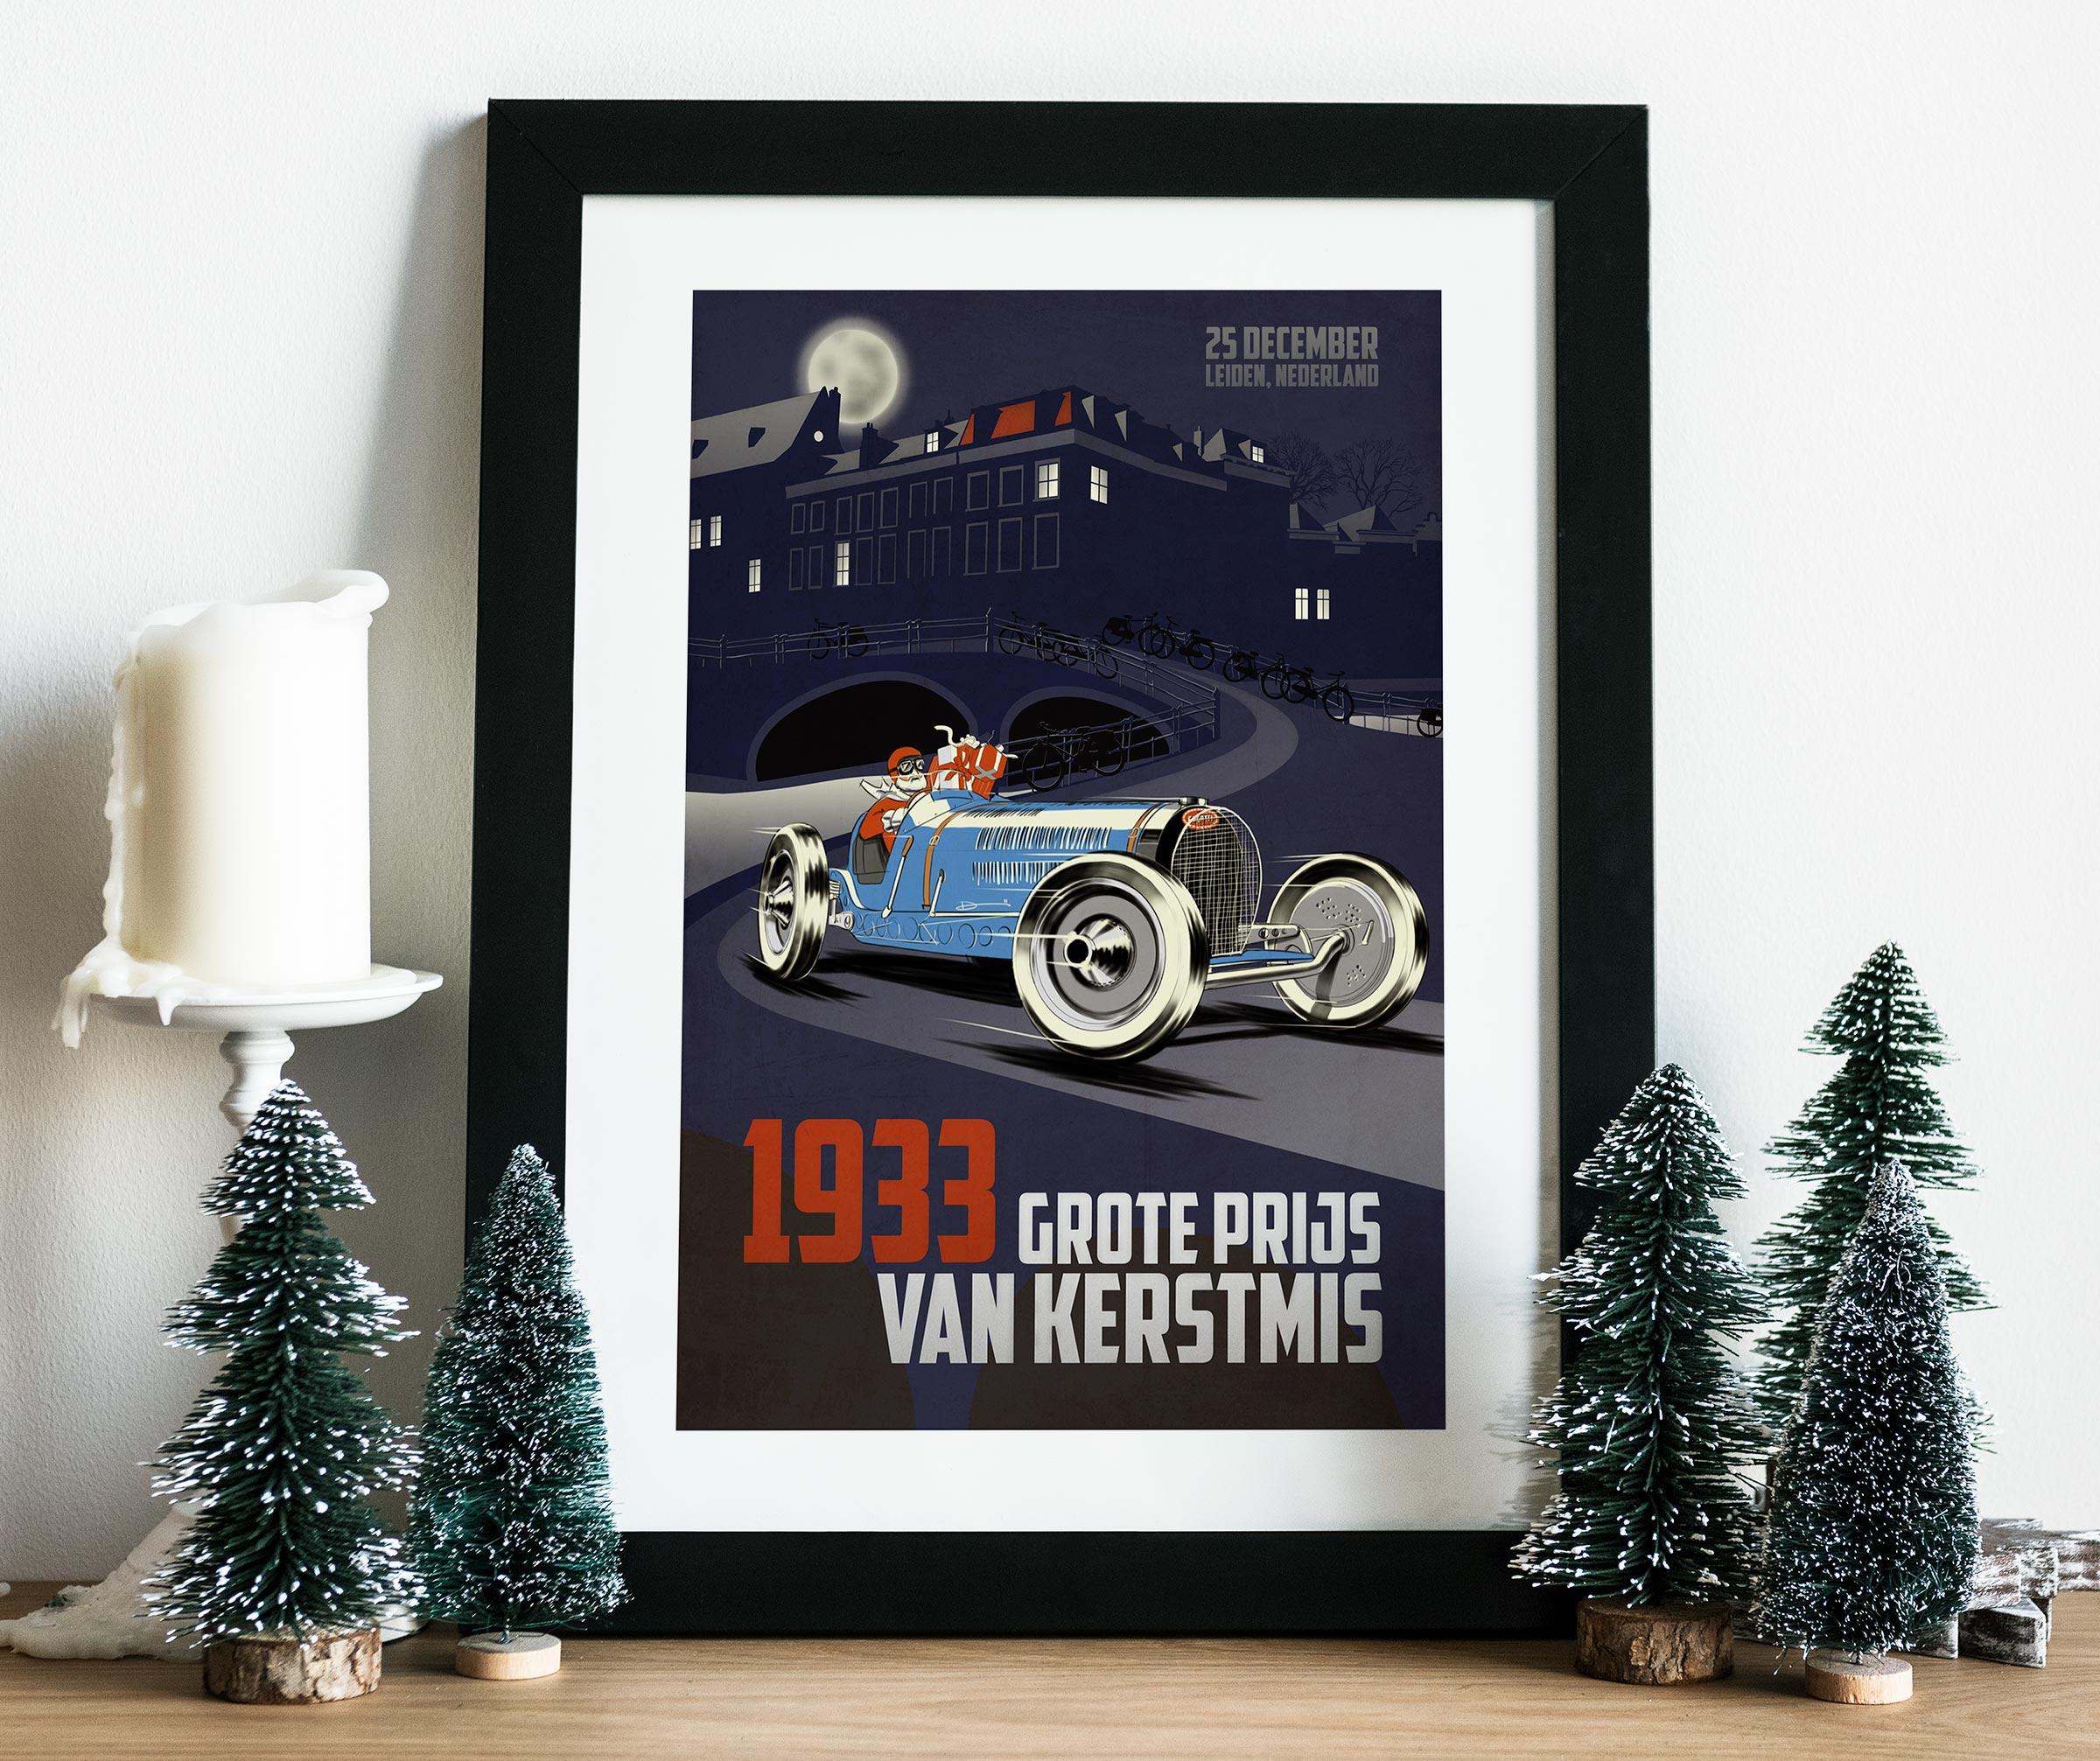 2011 Christmas Poster mockup